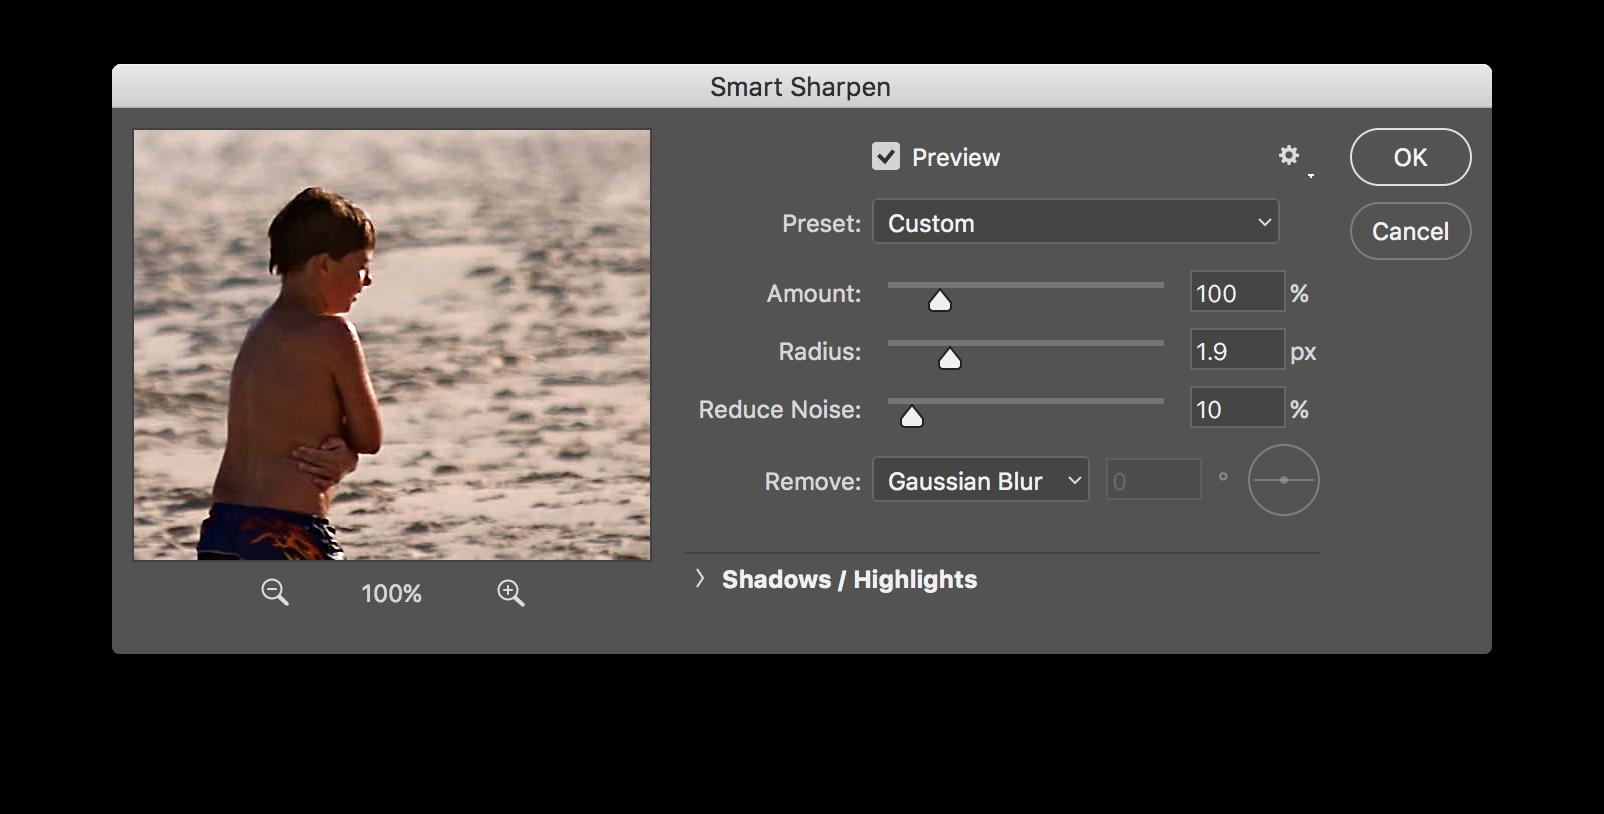 smart sharpen dialogue box